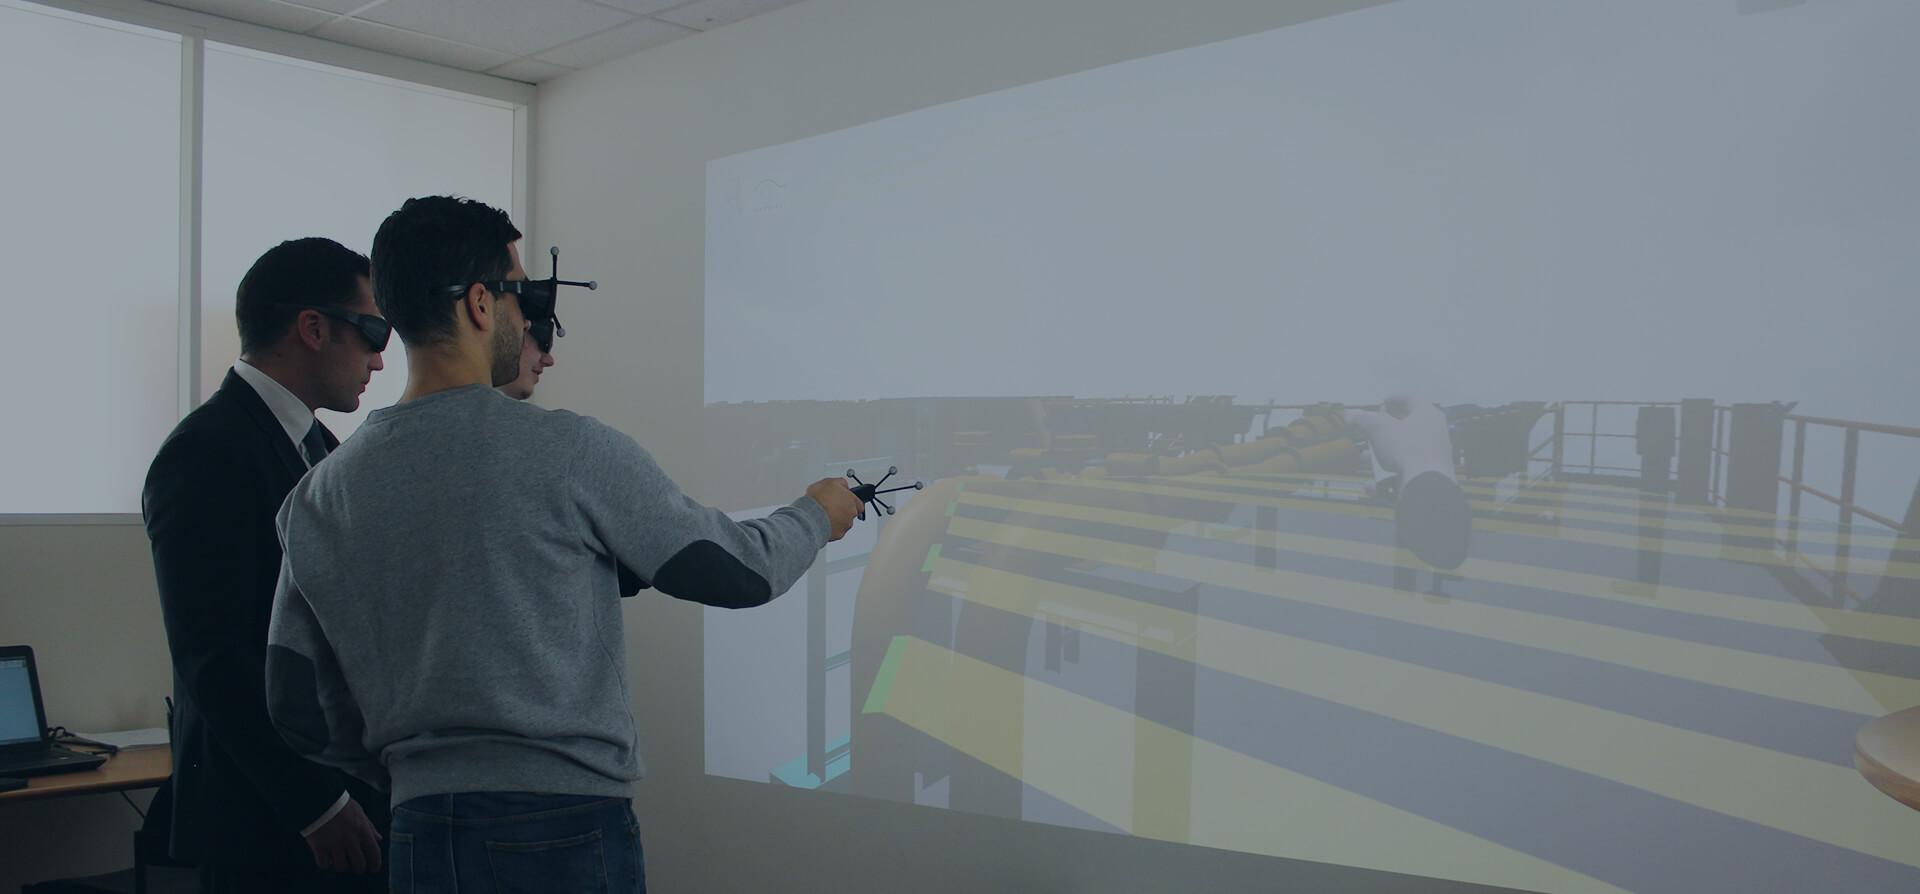 DMU-techviz-features